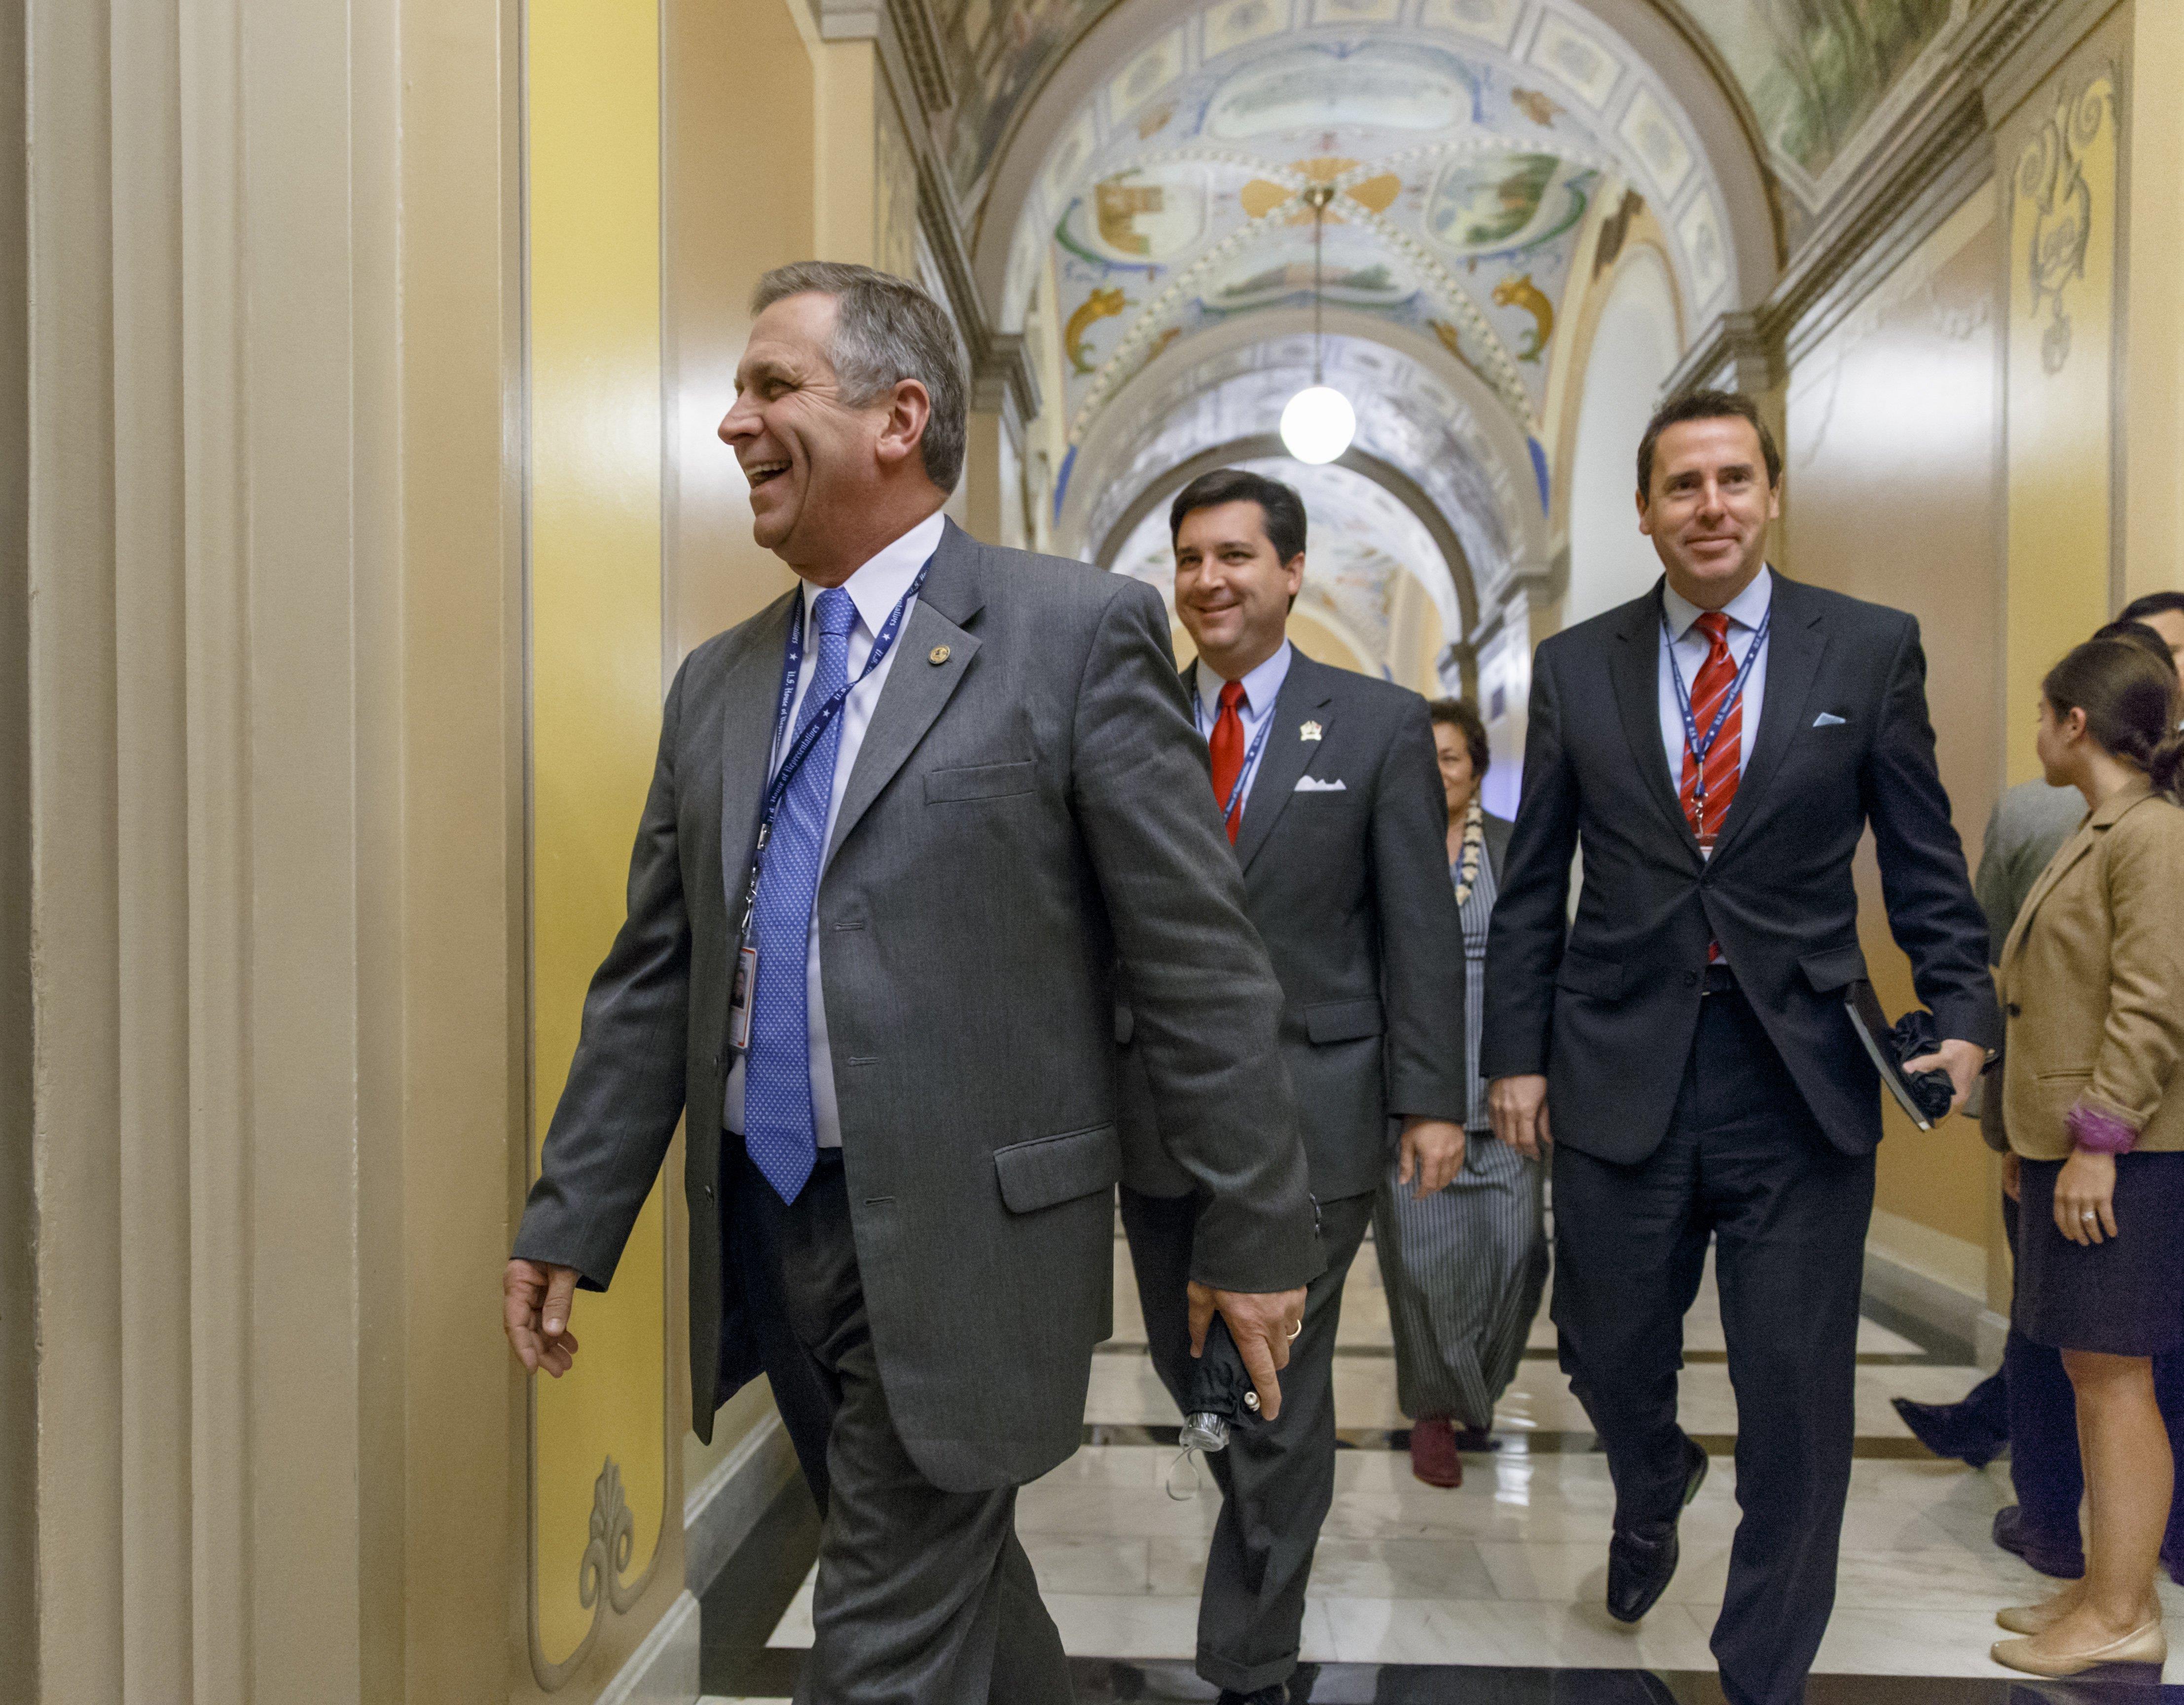 Meet Mike Bost, a Must-Watch Freshman Congressman